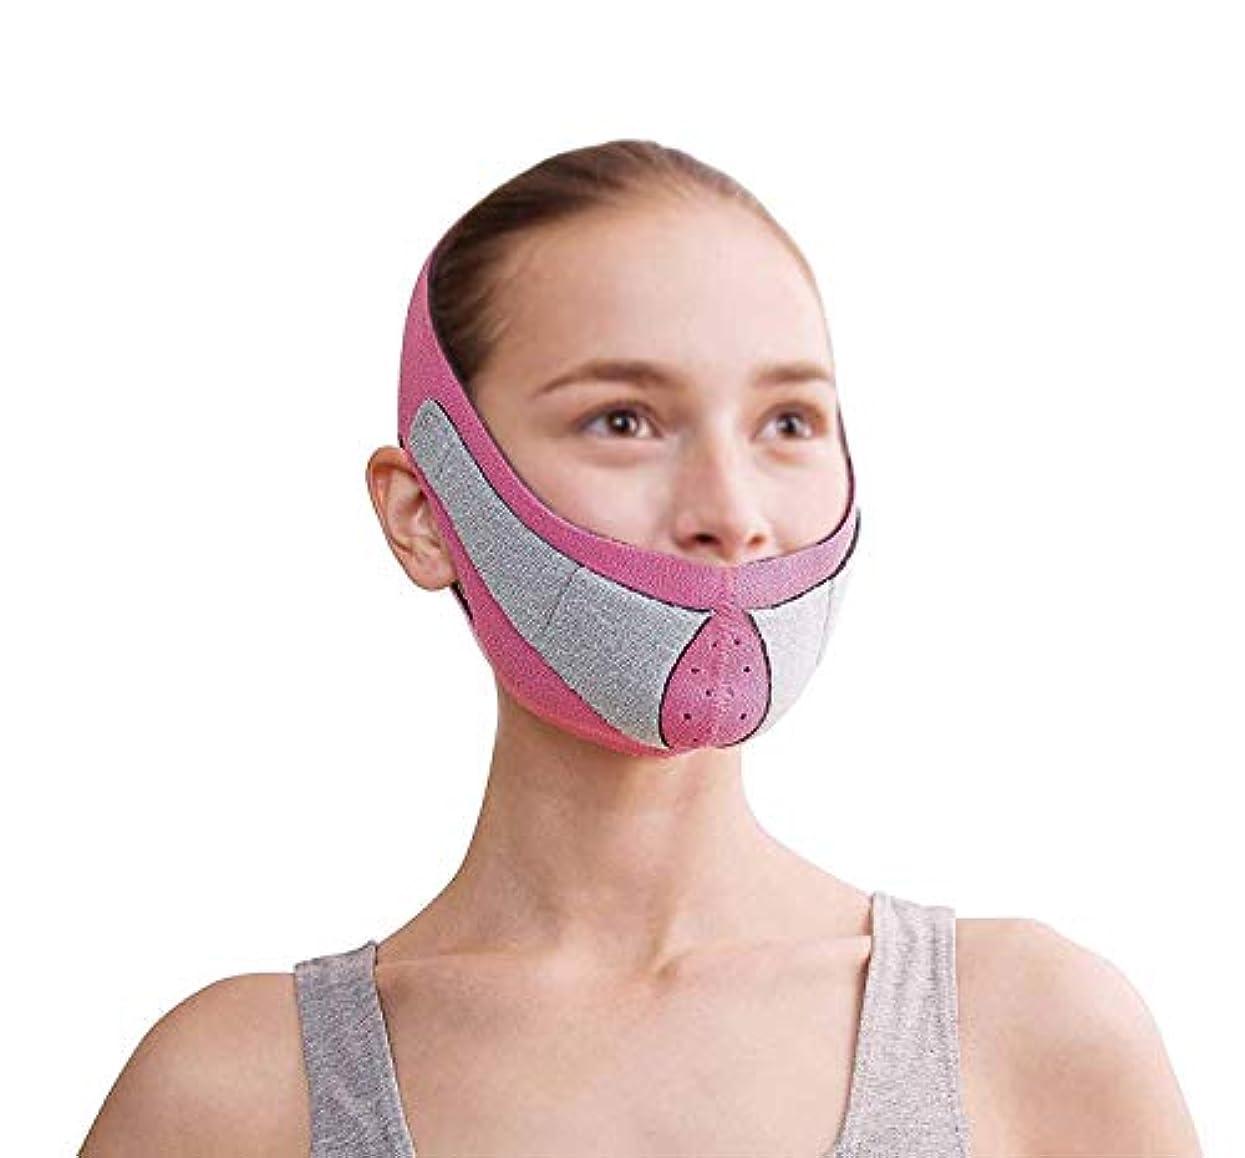 原稿選ぶぴかぴかフェイスリフトマスク、顔のMaskplus薄いフェイスマスクタイトなたるみの薄いフェイスマスク顔の薄いフェイスマスクアーティファクトネックストラップ付き